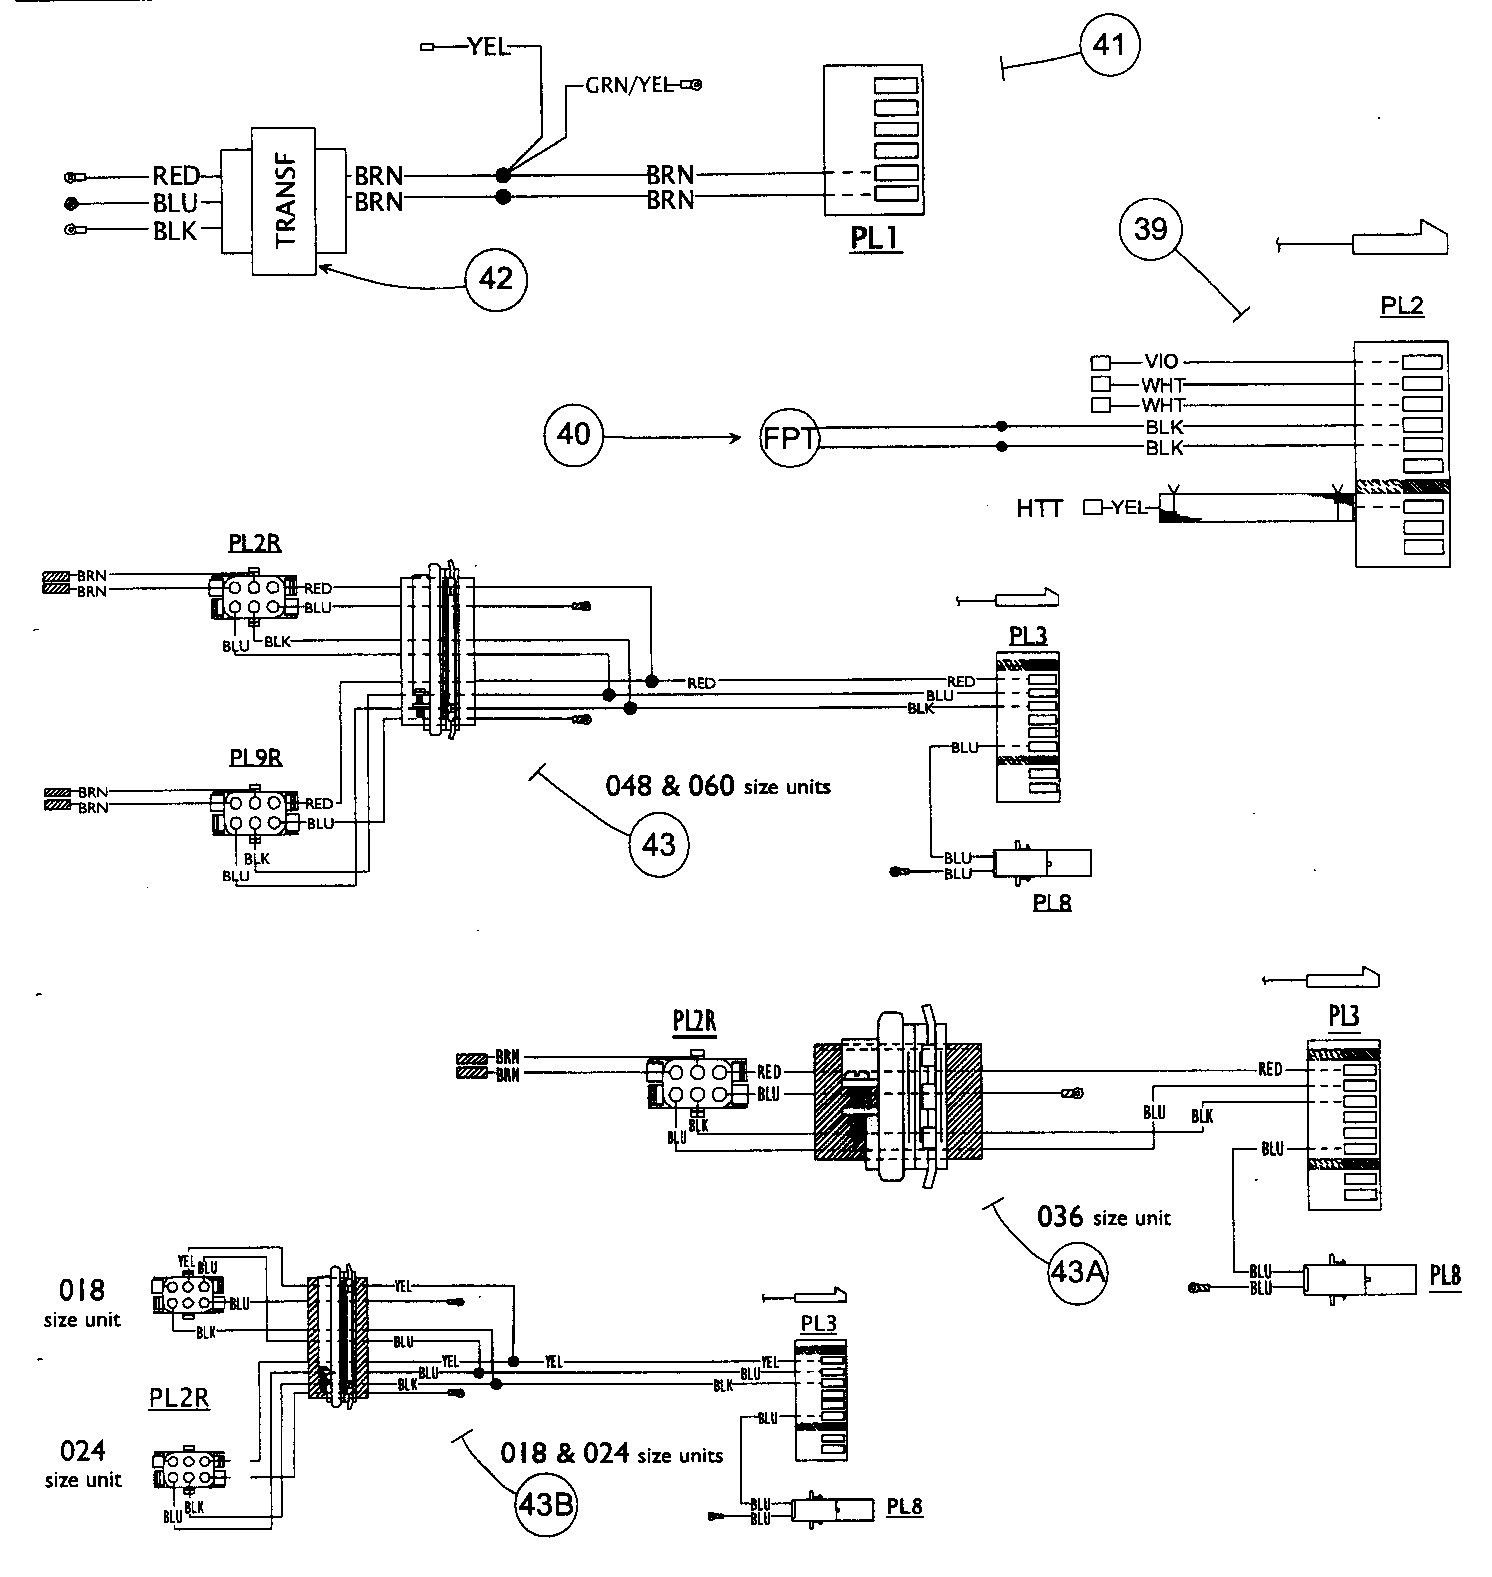 Honda Ex5 Wiring Diagram Download | Wiring Schematic Diagram ... on